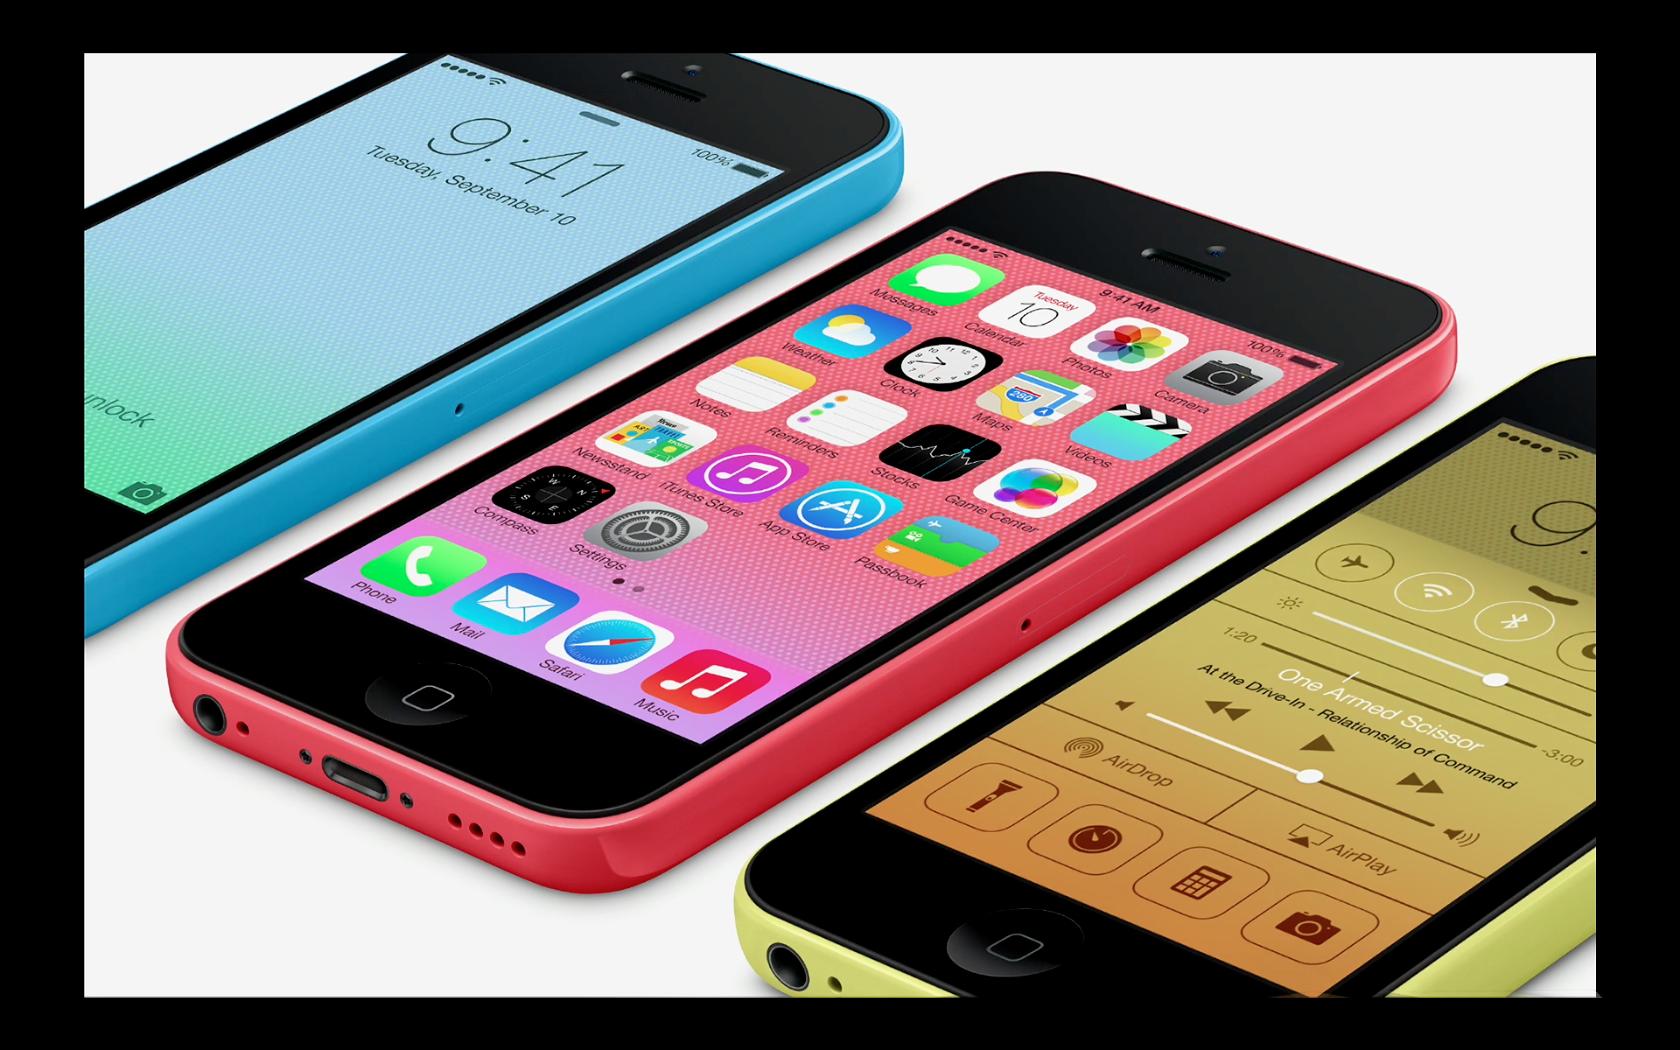 L'iphone 5c, en couleur!